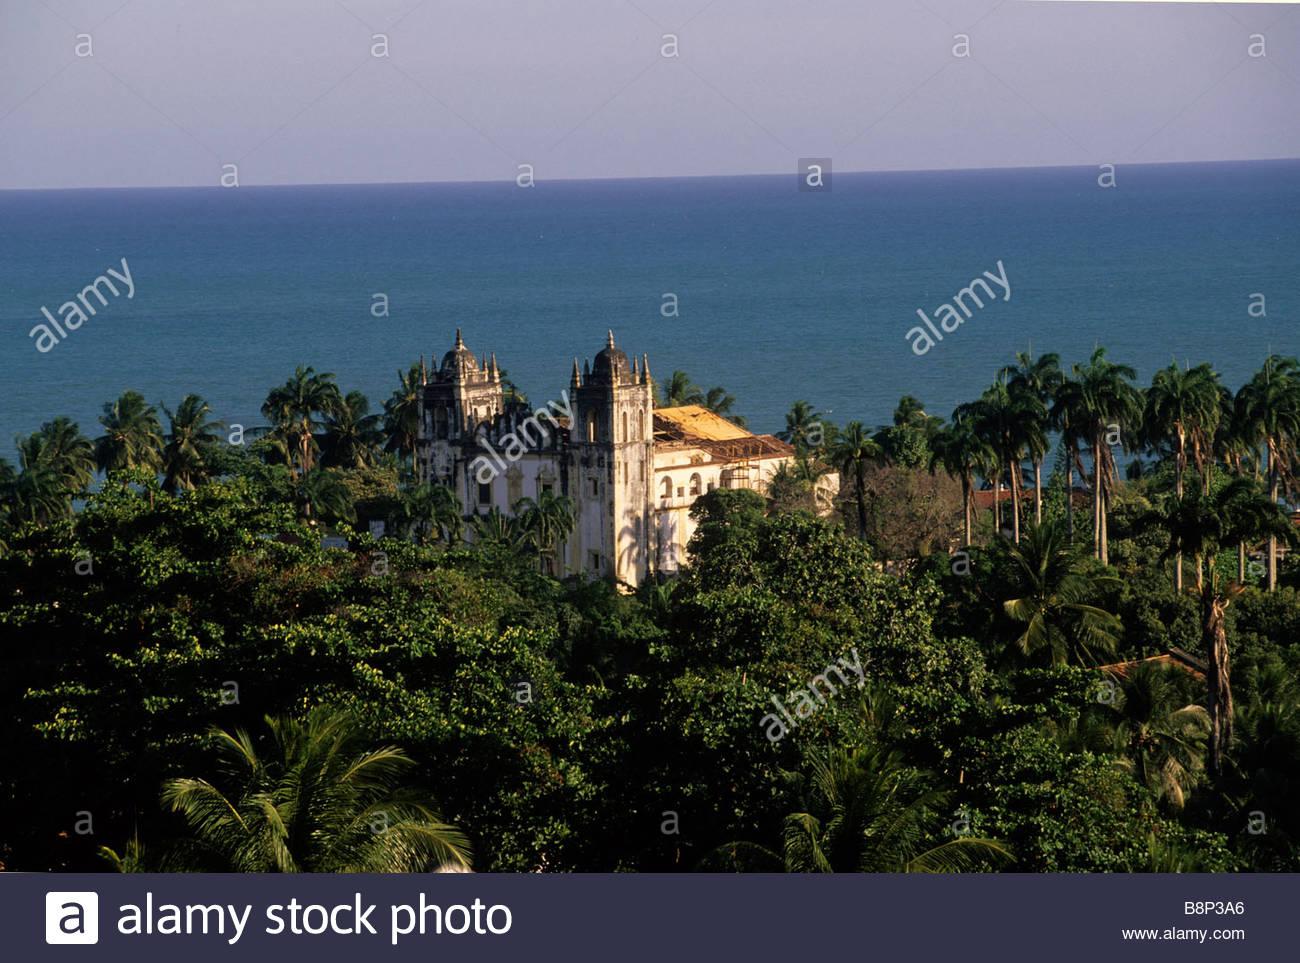 olinda, recife, brazil - Stock Image